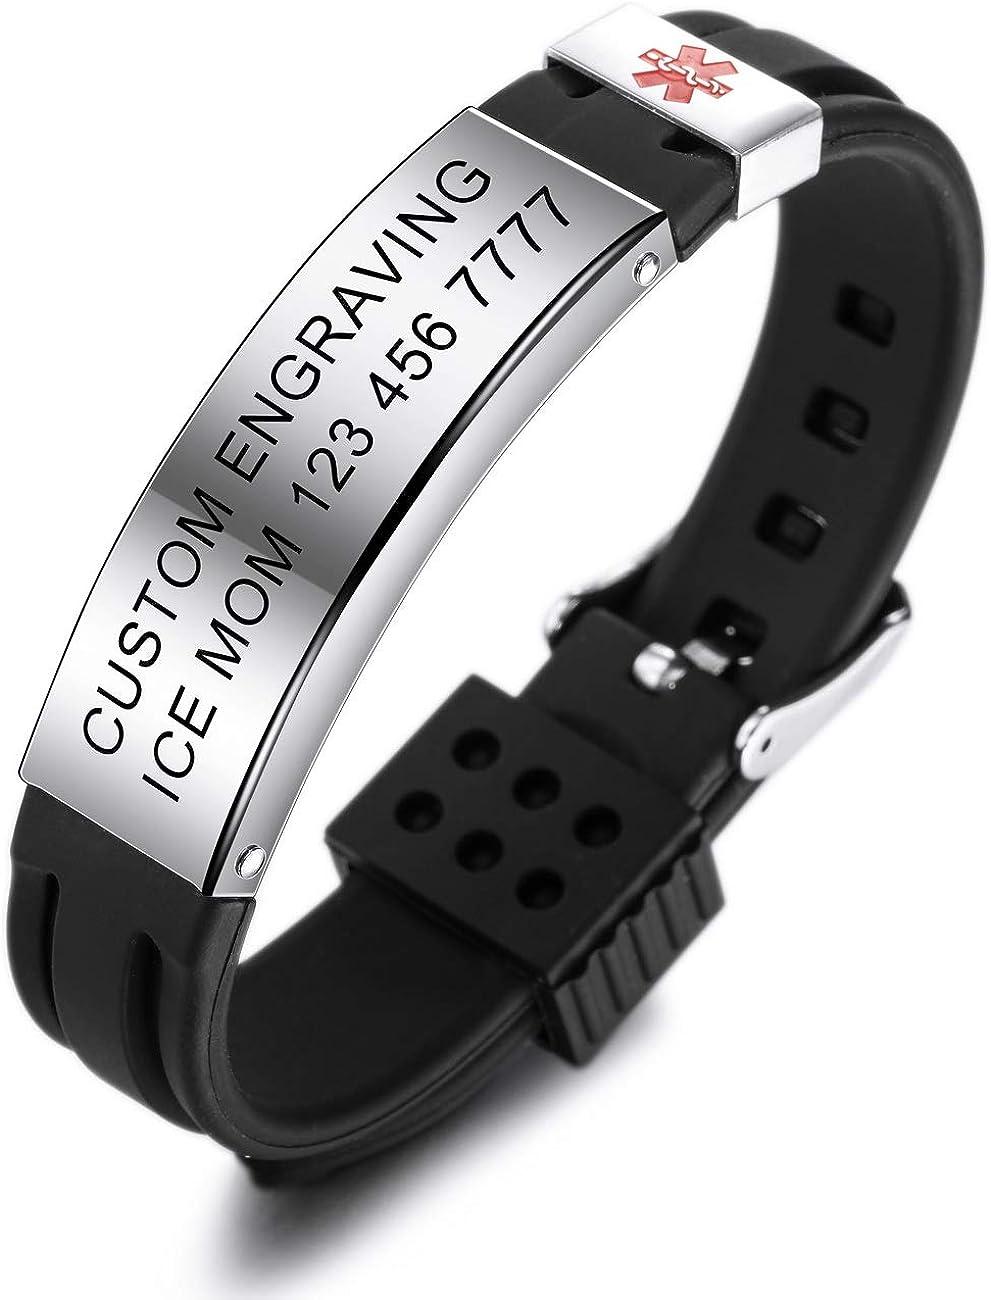 Bundle avec Carte durgence, Titulaire MOWOM Medical Custom Grav/é Silicone R/églable Sport Nom ID Identification Alerte Bracelet M/édical pour Hommes Femmes Enfants en Acier Inoxydable Caoutchouc-